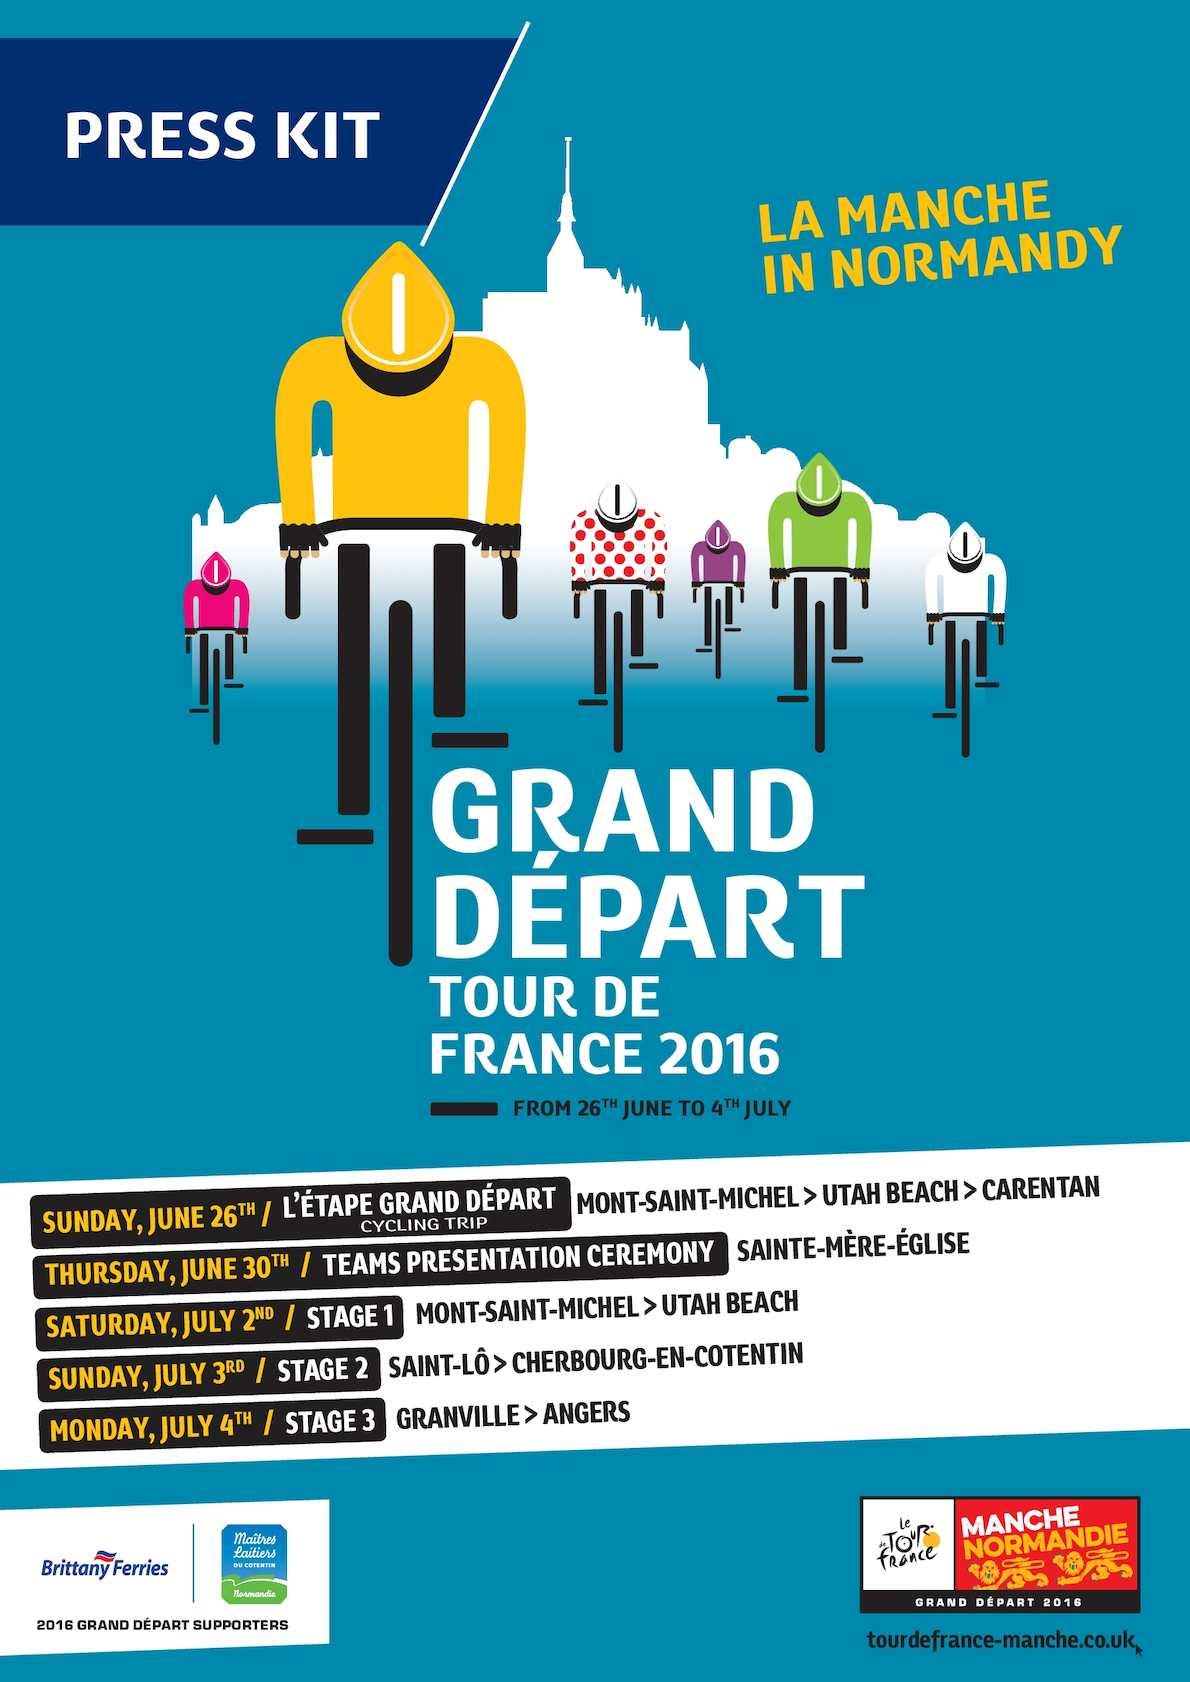 Calaméo - Press kit 2016 Tour de France Grand Départ